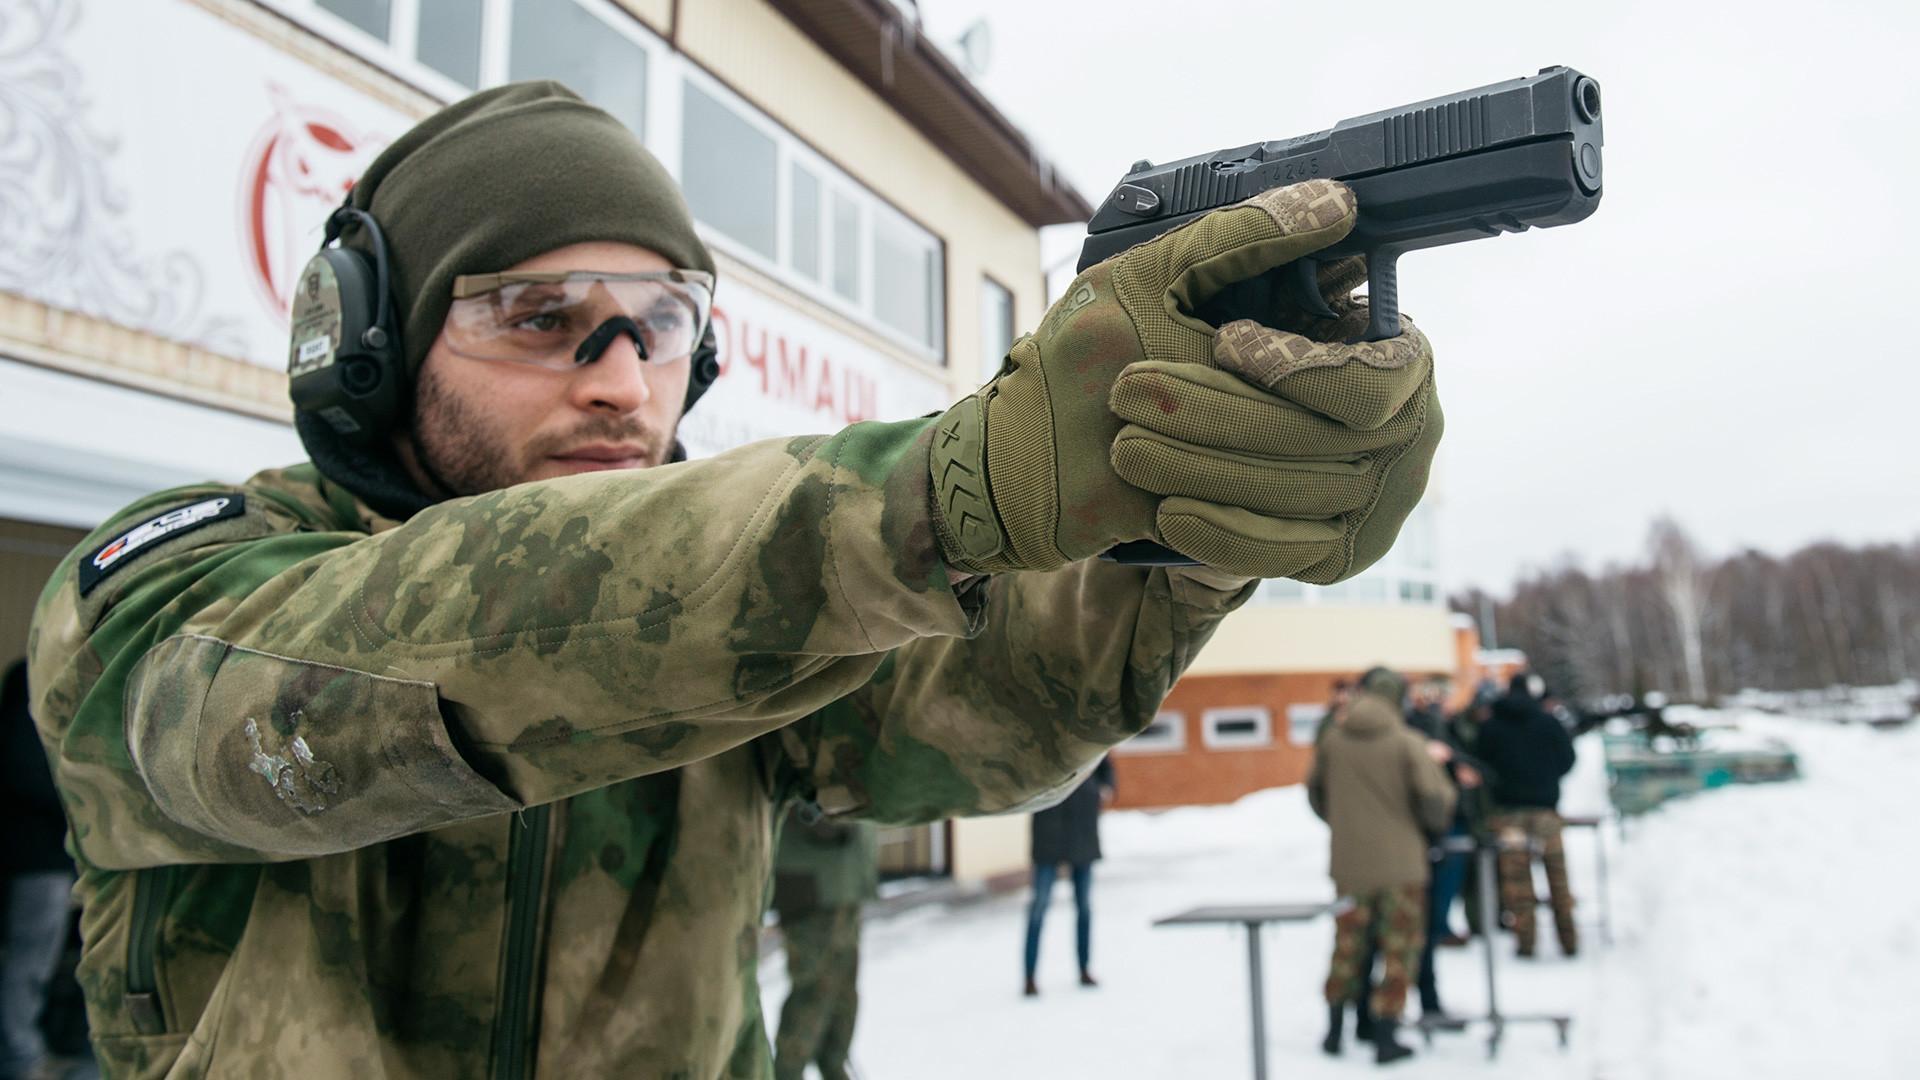 Оружейные законы: разбираемся нужно ли разрешение на газовый пистолет